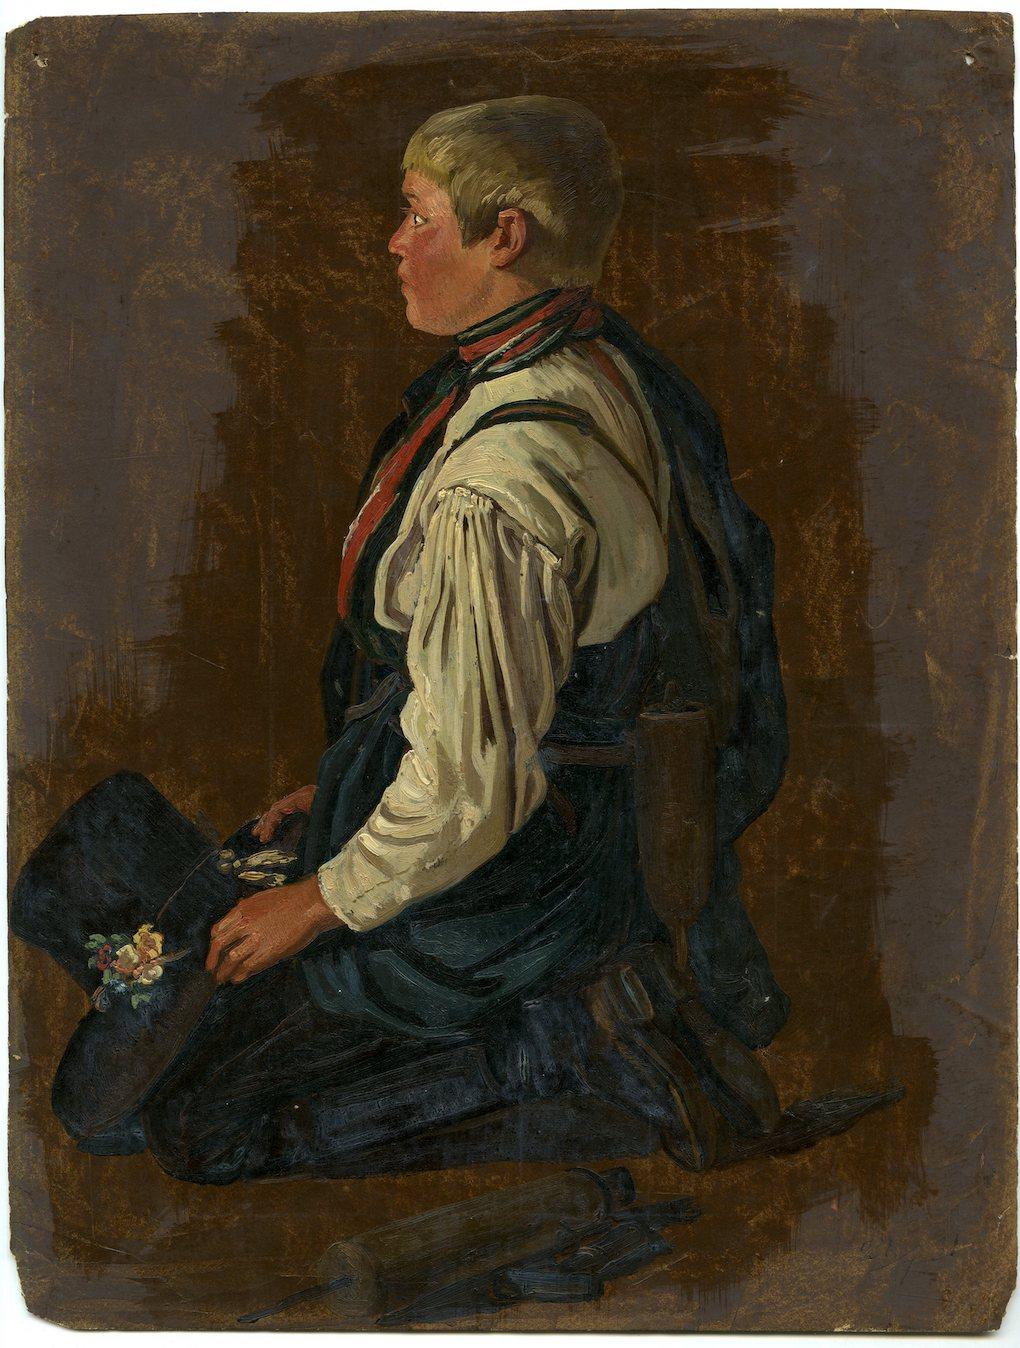 Ludwig Most, Modlący się chłopiec, 1851, studium postaci do obrazu Wieczorna modlitwa czeskich chłopów, olej na papierze, Muzeum Narodowe w Szczecinie